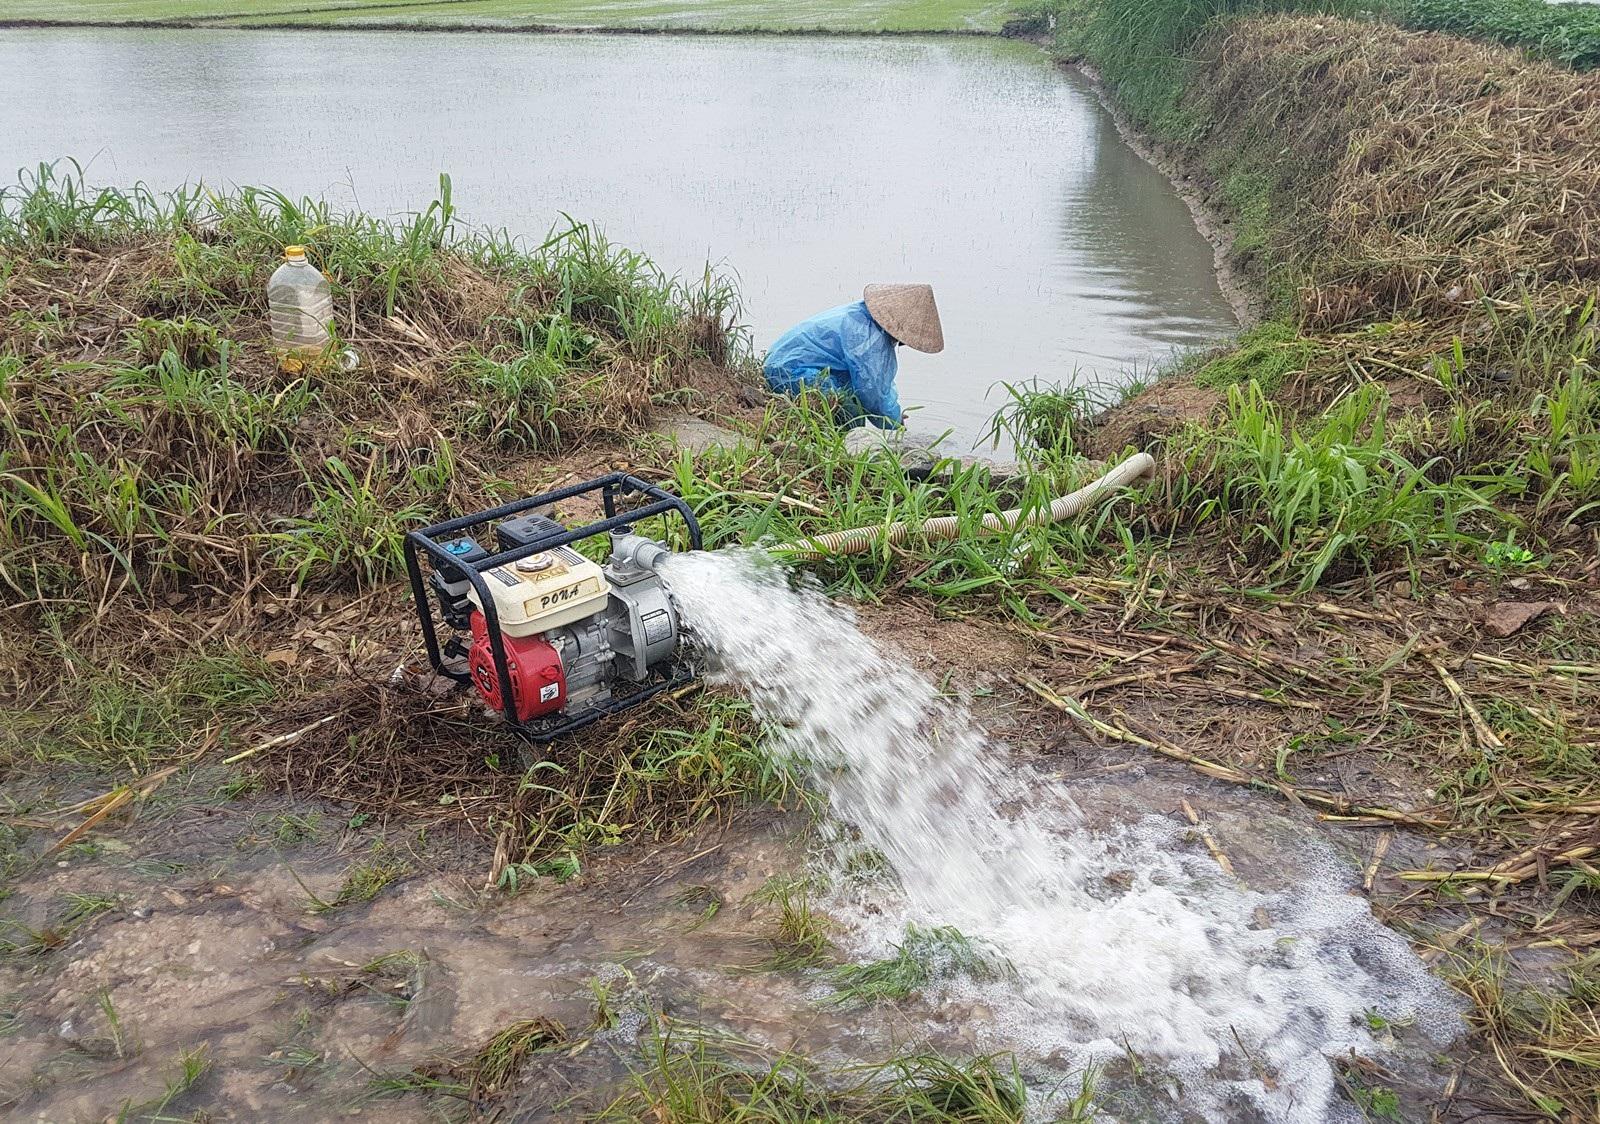 Hơn 330 tấn lúa giống đành đổ bỏ vì mưa lũ - Ảnh 2.